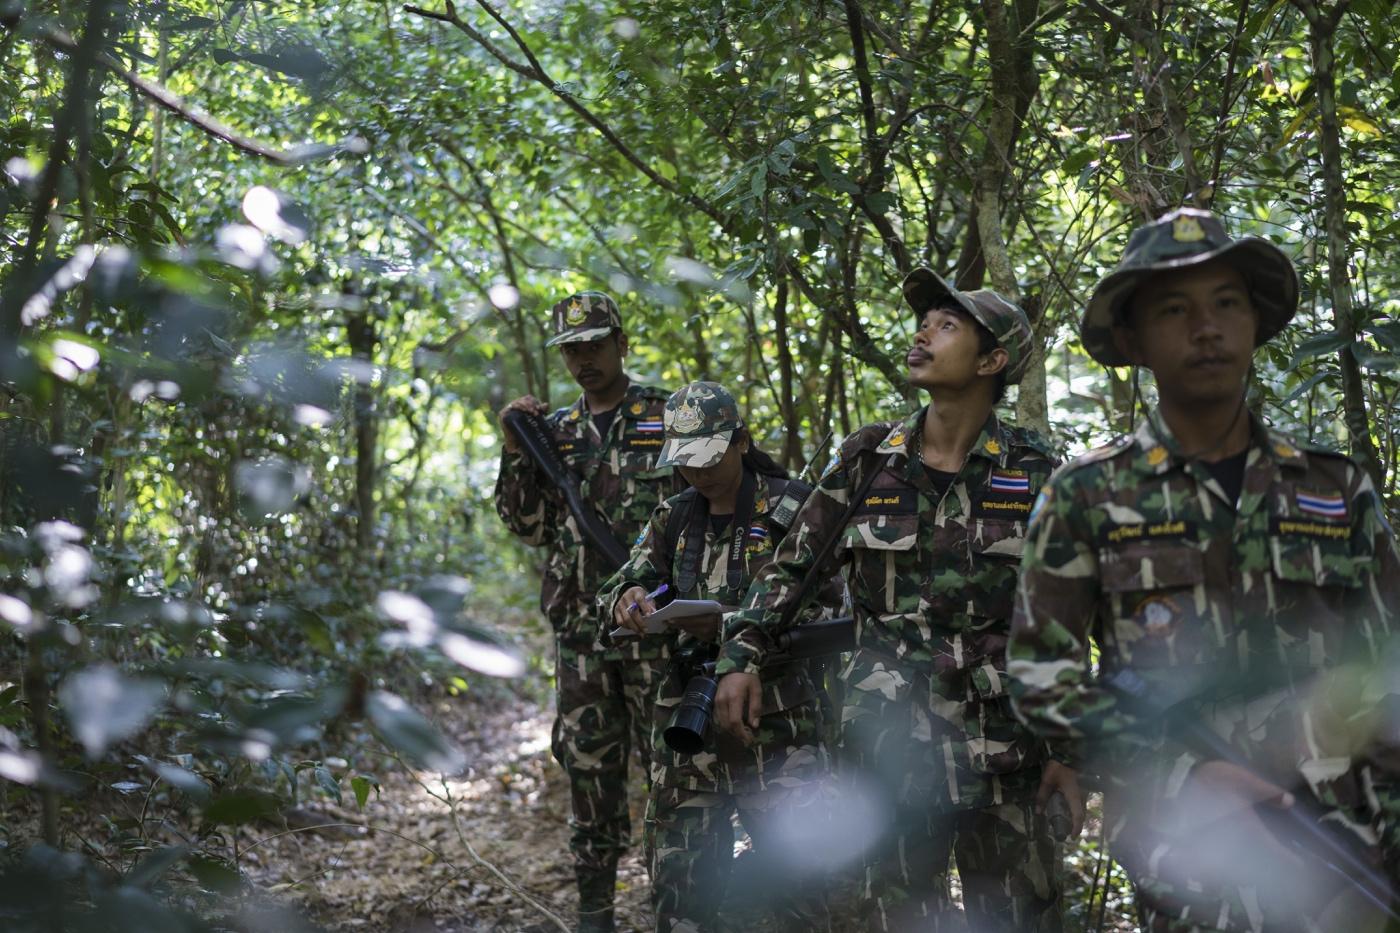 WWF Thailand, Kui Buri - Woraya Makai and patrol